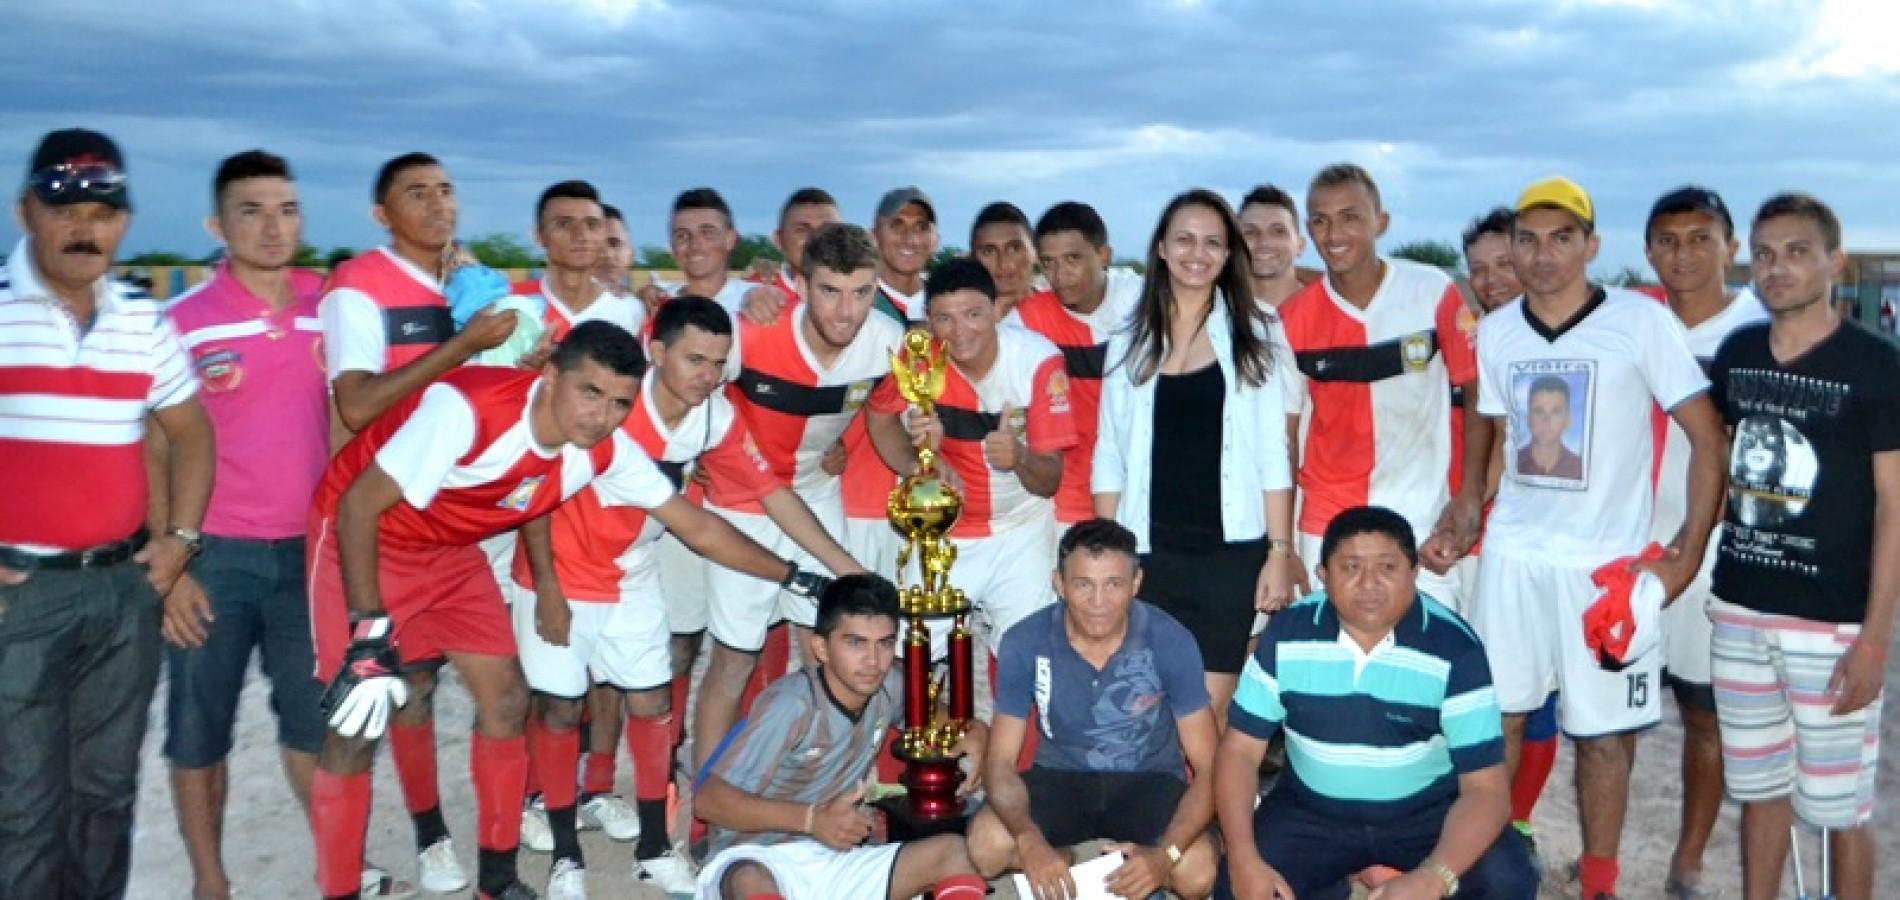 Carquejo vence e conquista prêmio e título de melhor time de Belém do Piauí